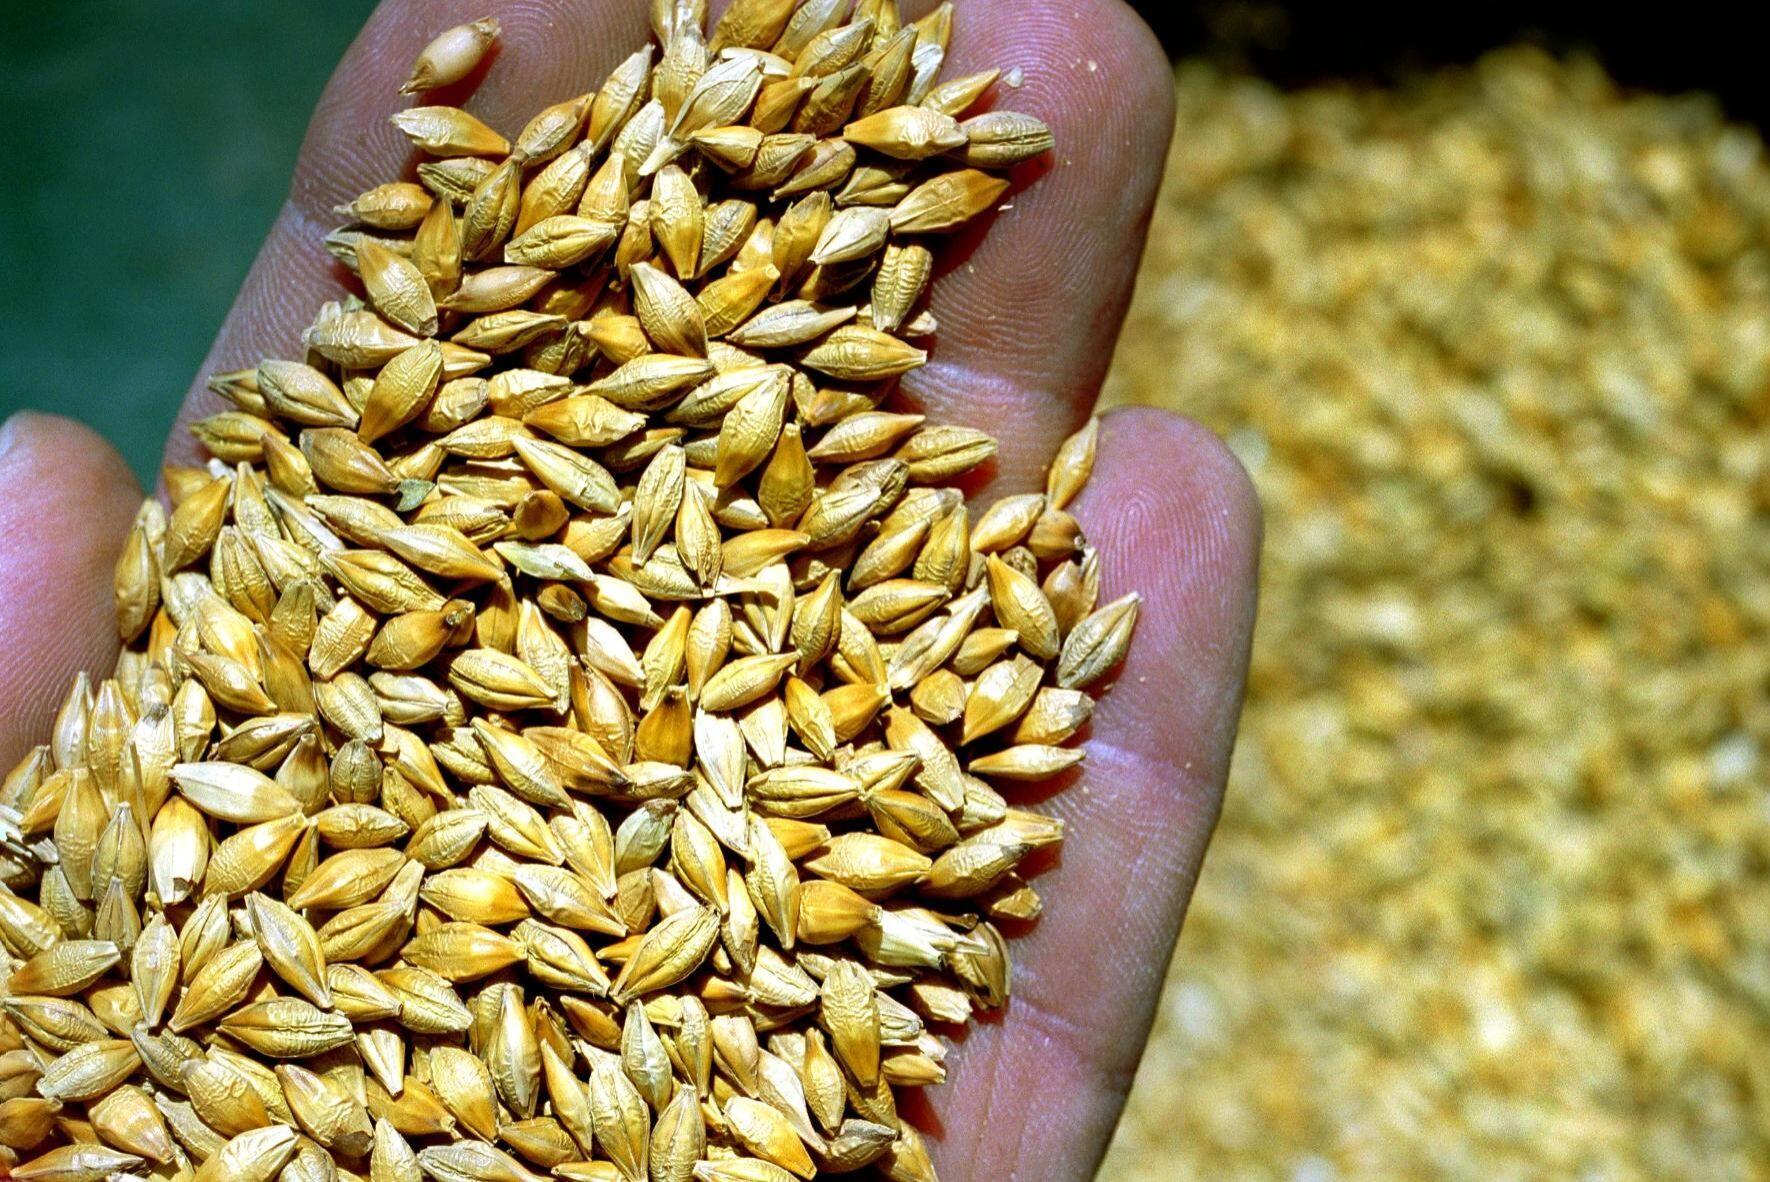 Årets svenska kornskörd har varit både mindre och sämre än väntat på grund av torkan. Det tvingar maltproducenterna att importera.